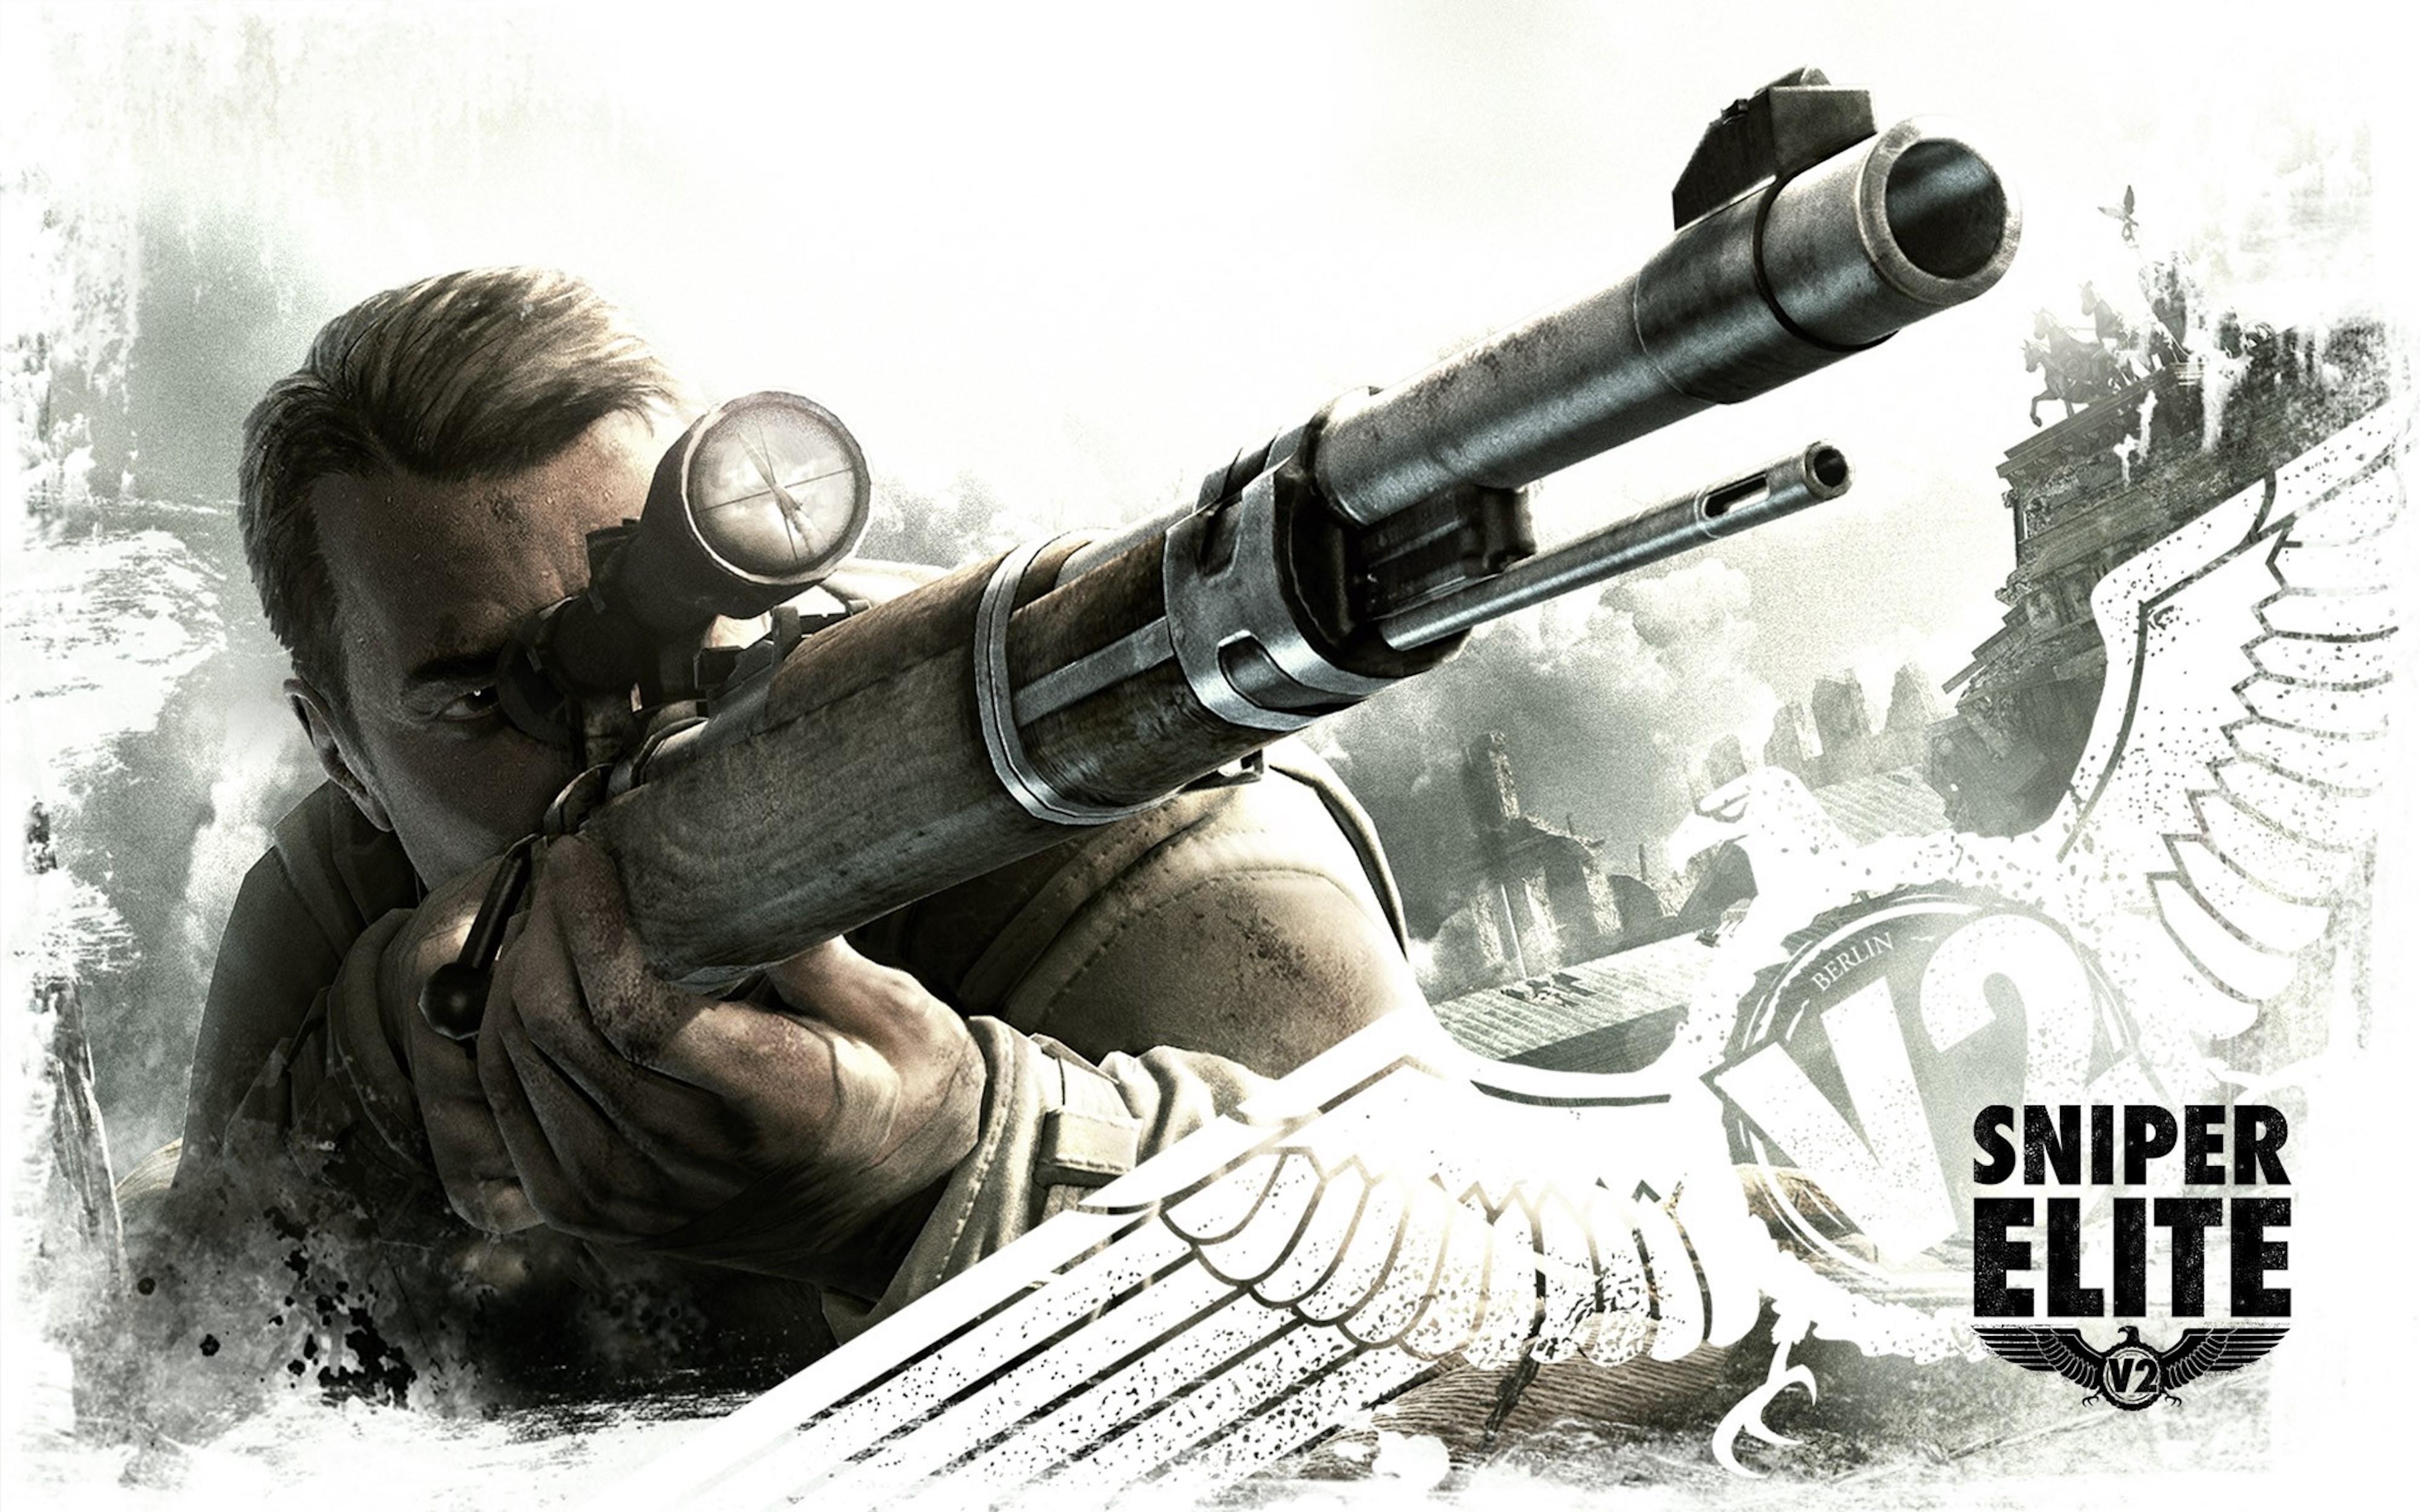 File:Sniper Elite V2 cover.png